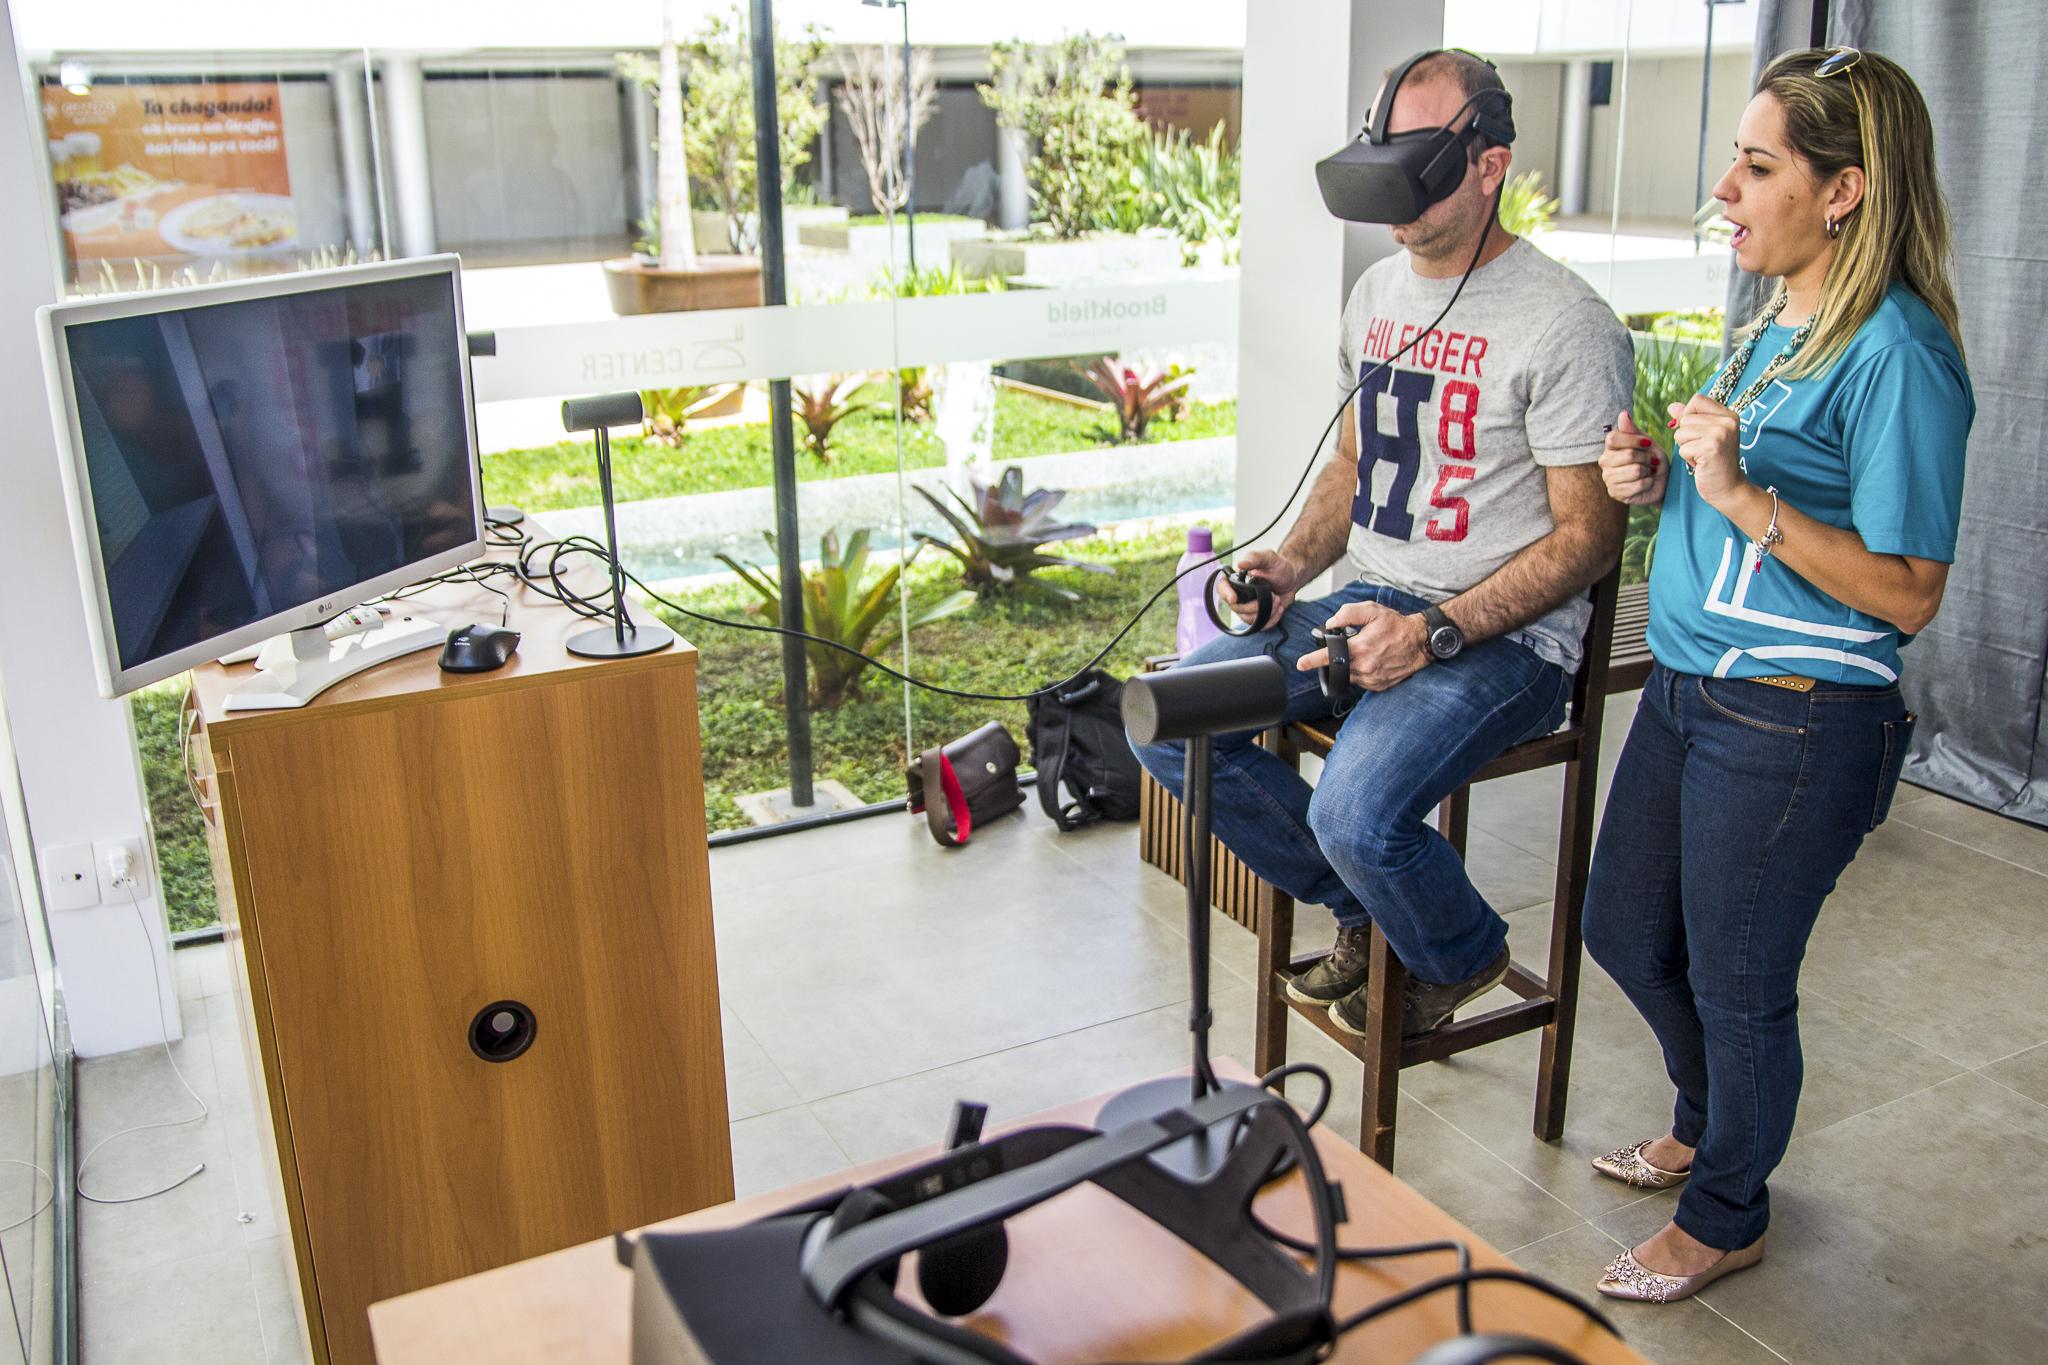 Dos games às prateleiras: como a realidade virtual mudou o varejo